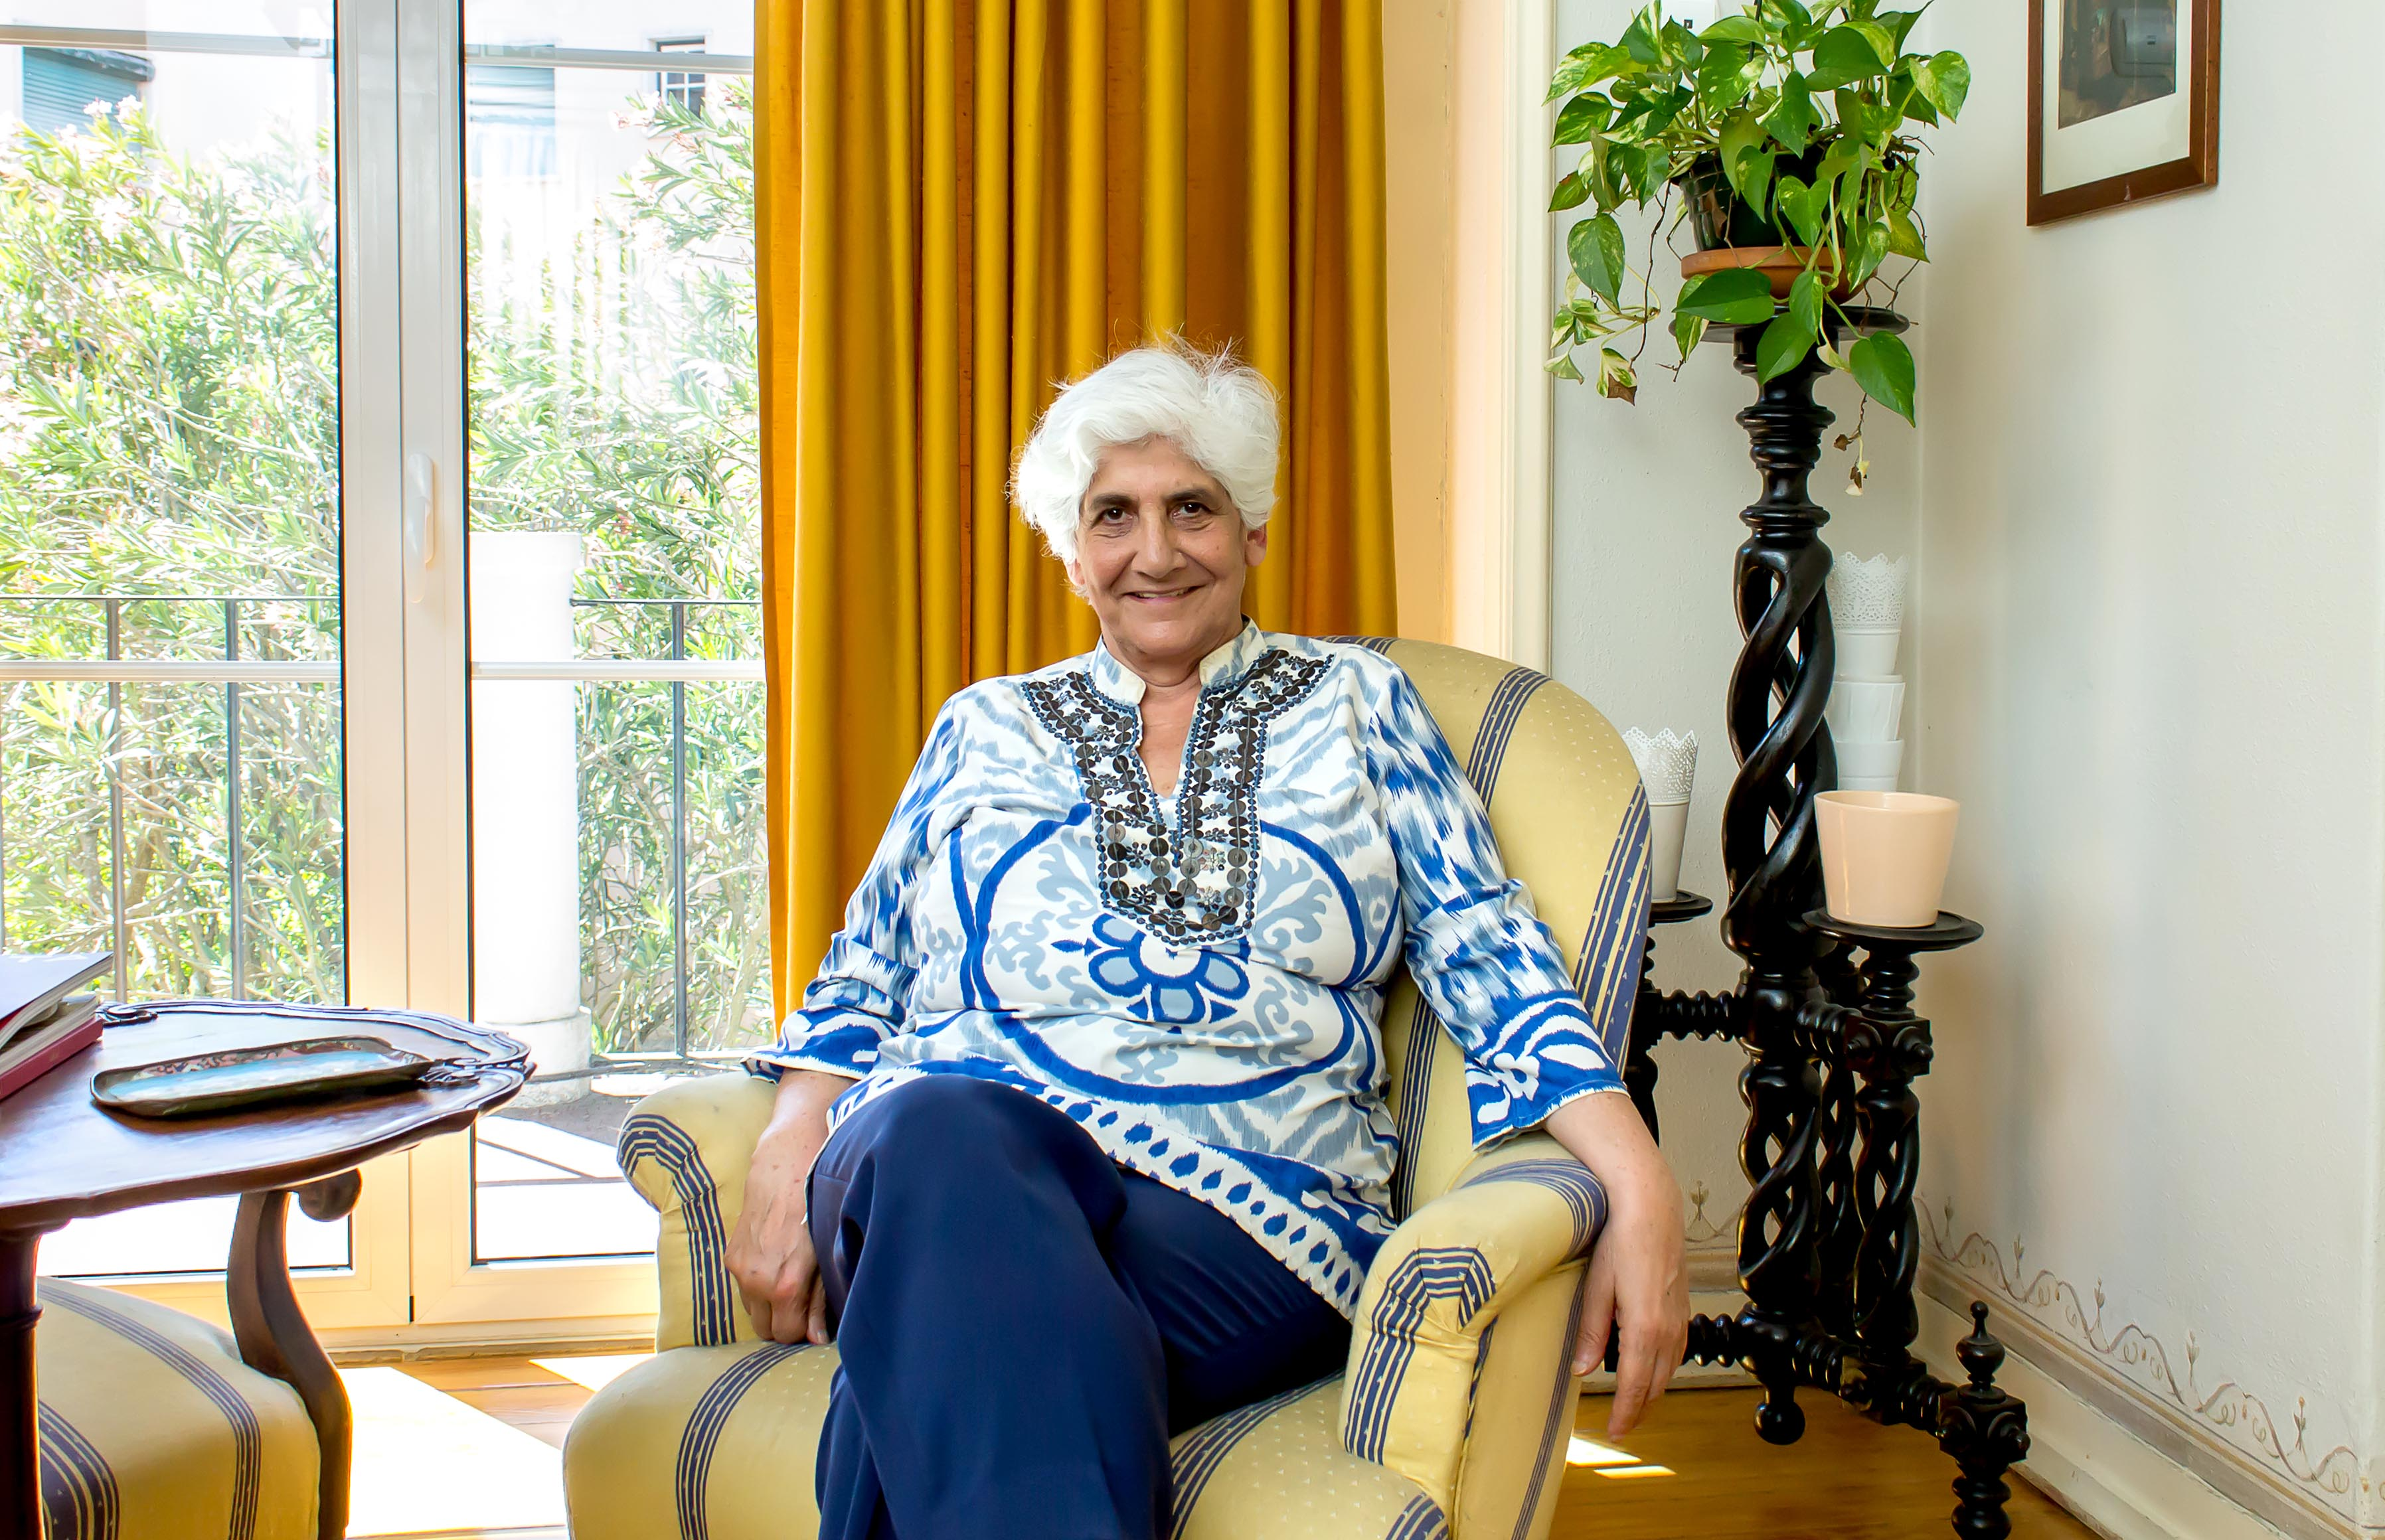 Teresa Paiva no grupo das 10 mulheres mais influentes em Ciência e Saúde